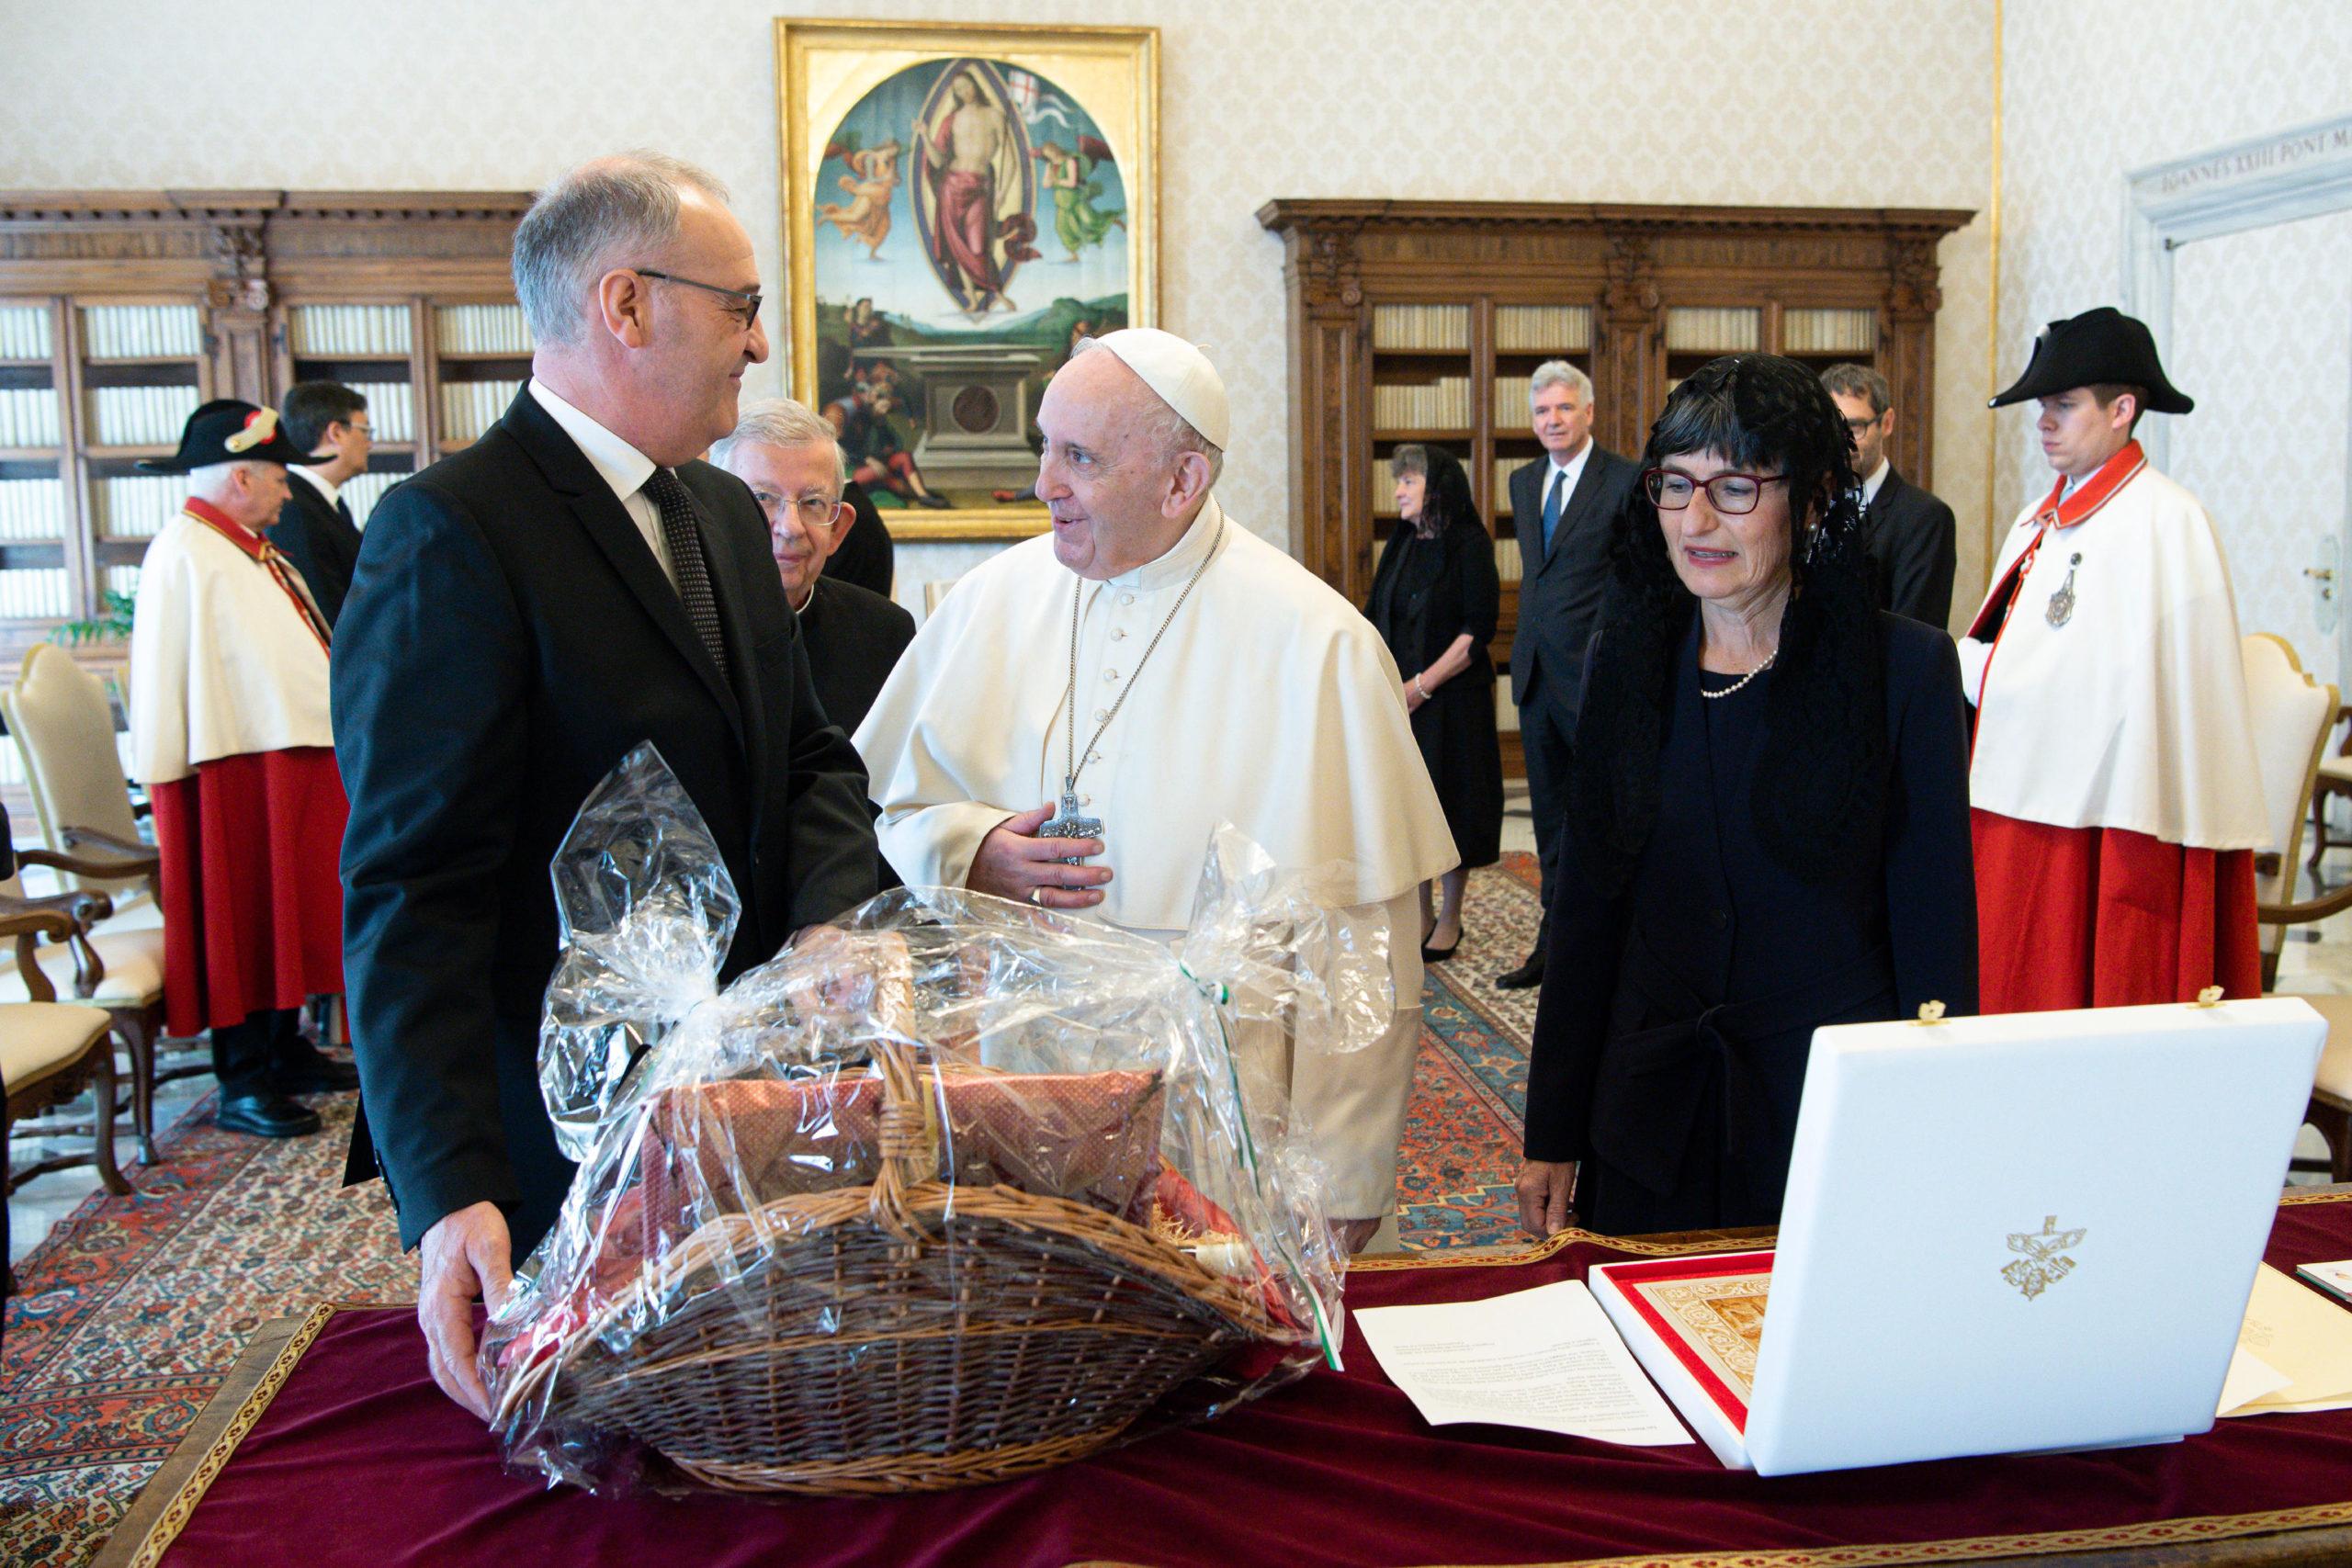 Guy Parmelin, président de la Confédération suisse, 6 mai 2021 © Vatican Media